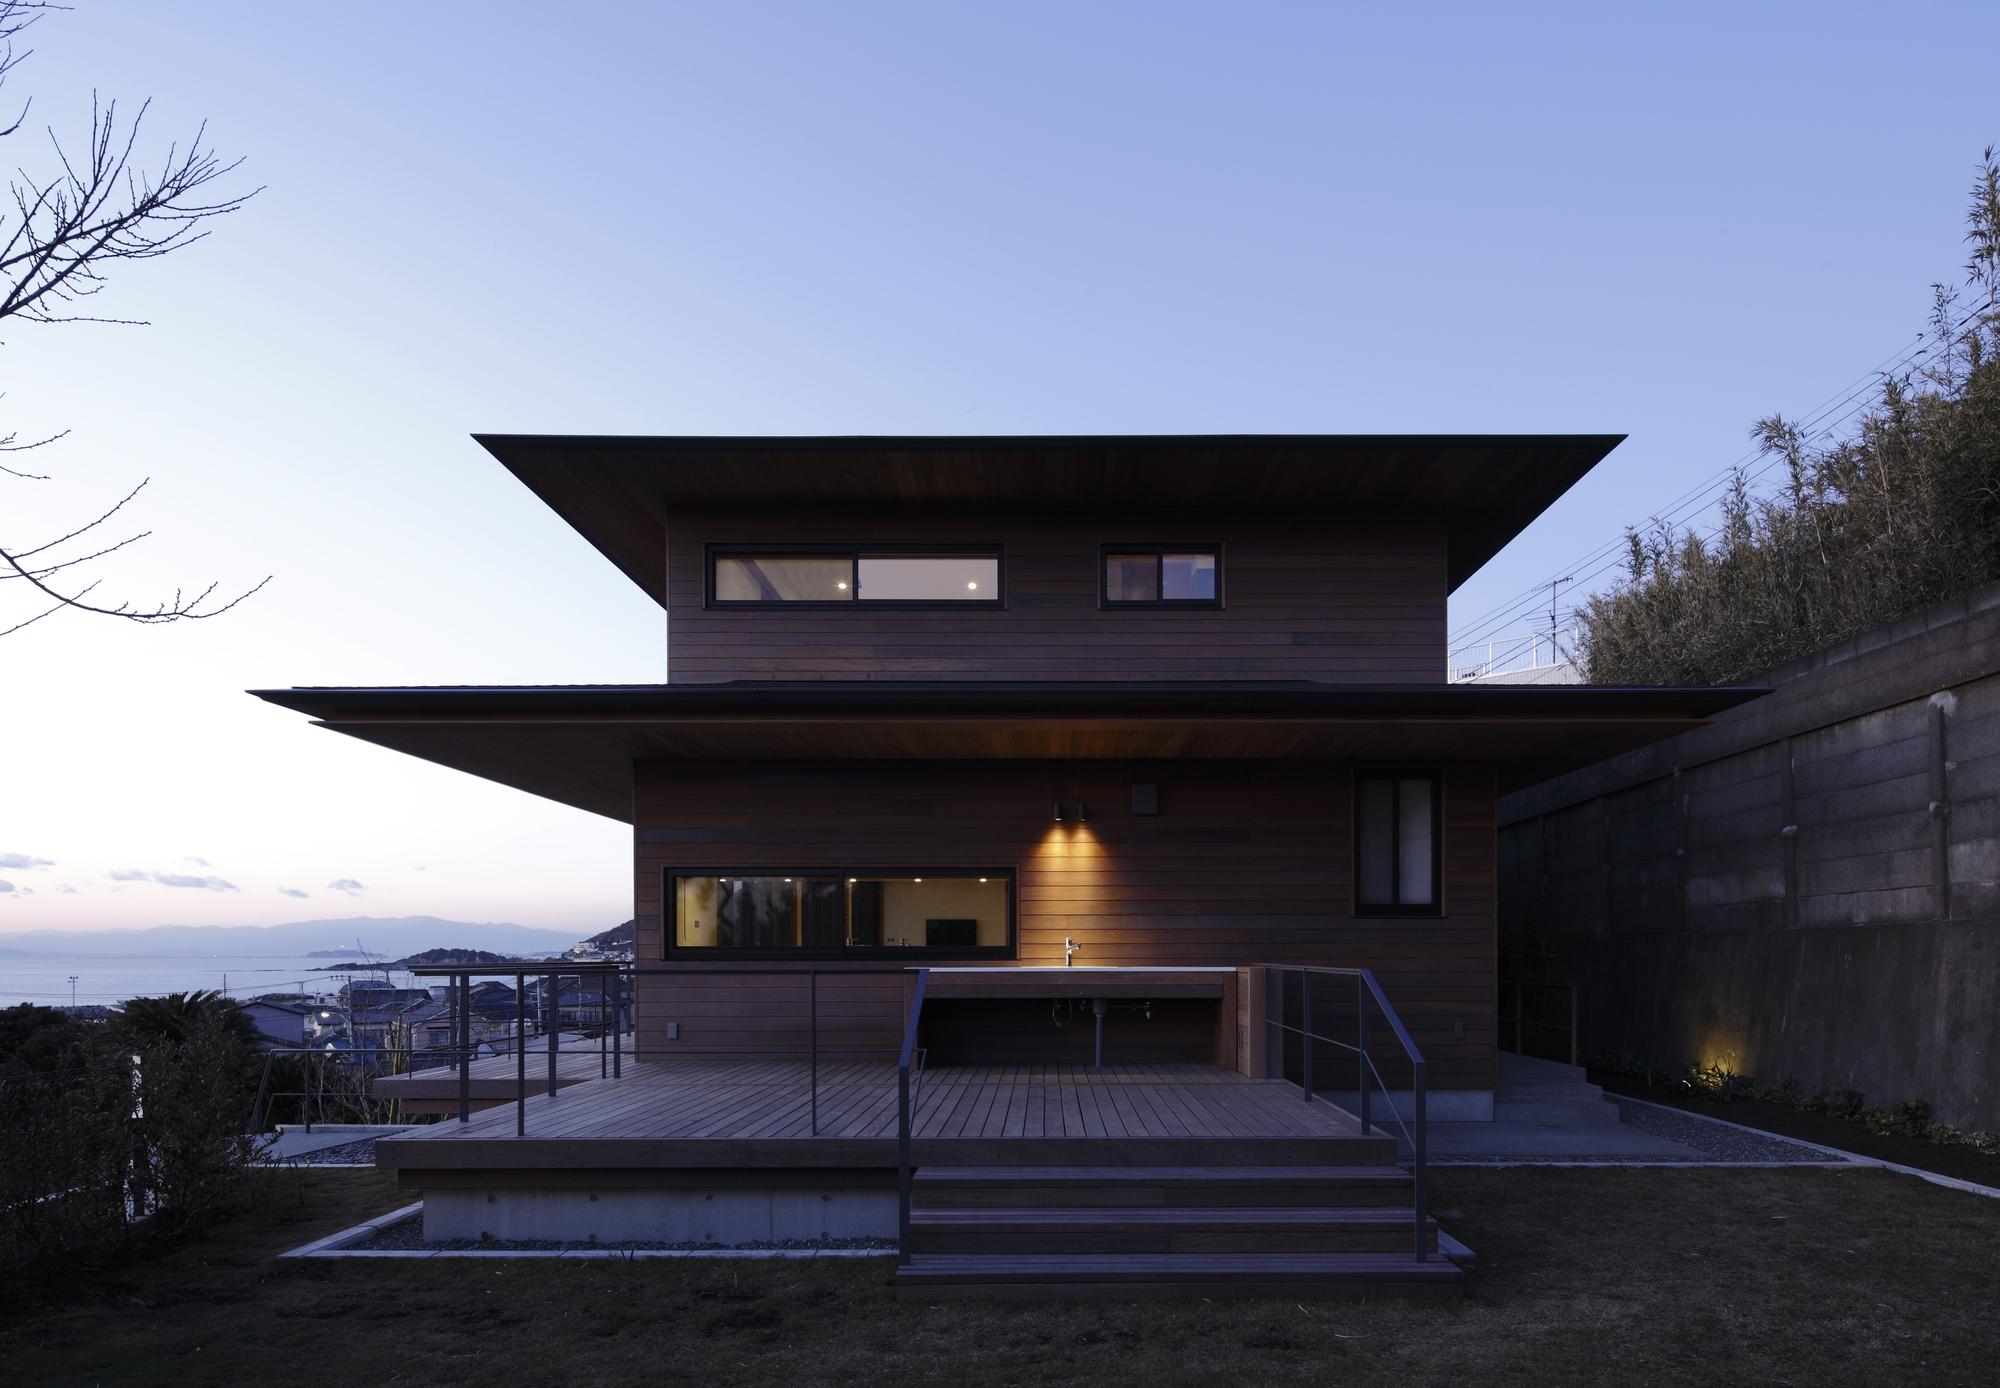 Galer a de residencia t kidosaki architects studio 15 for Architecture 00